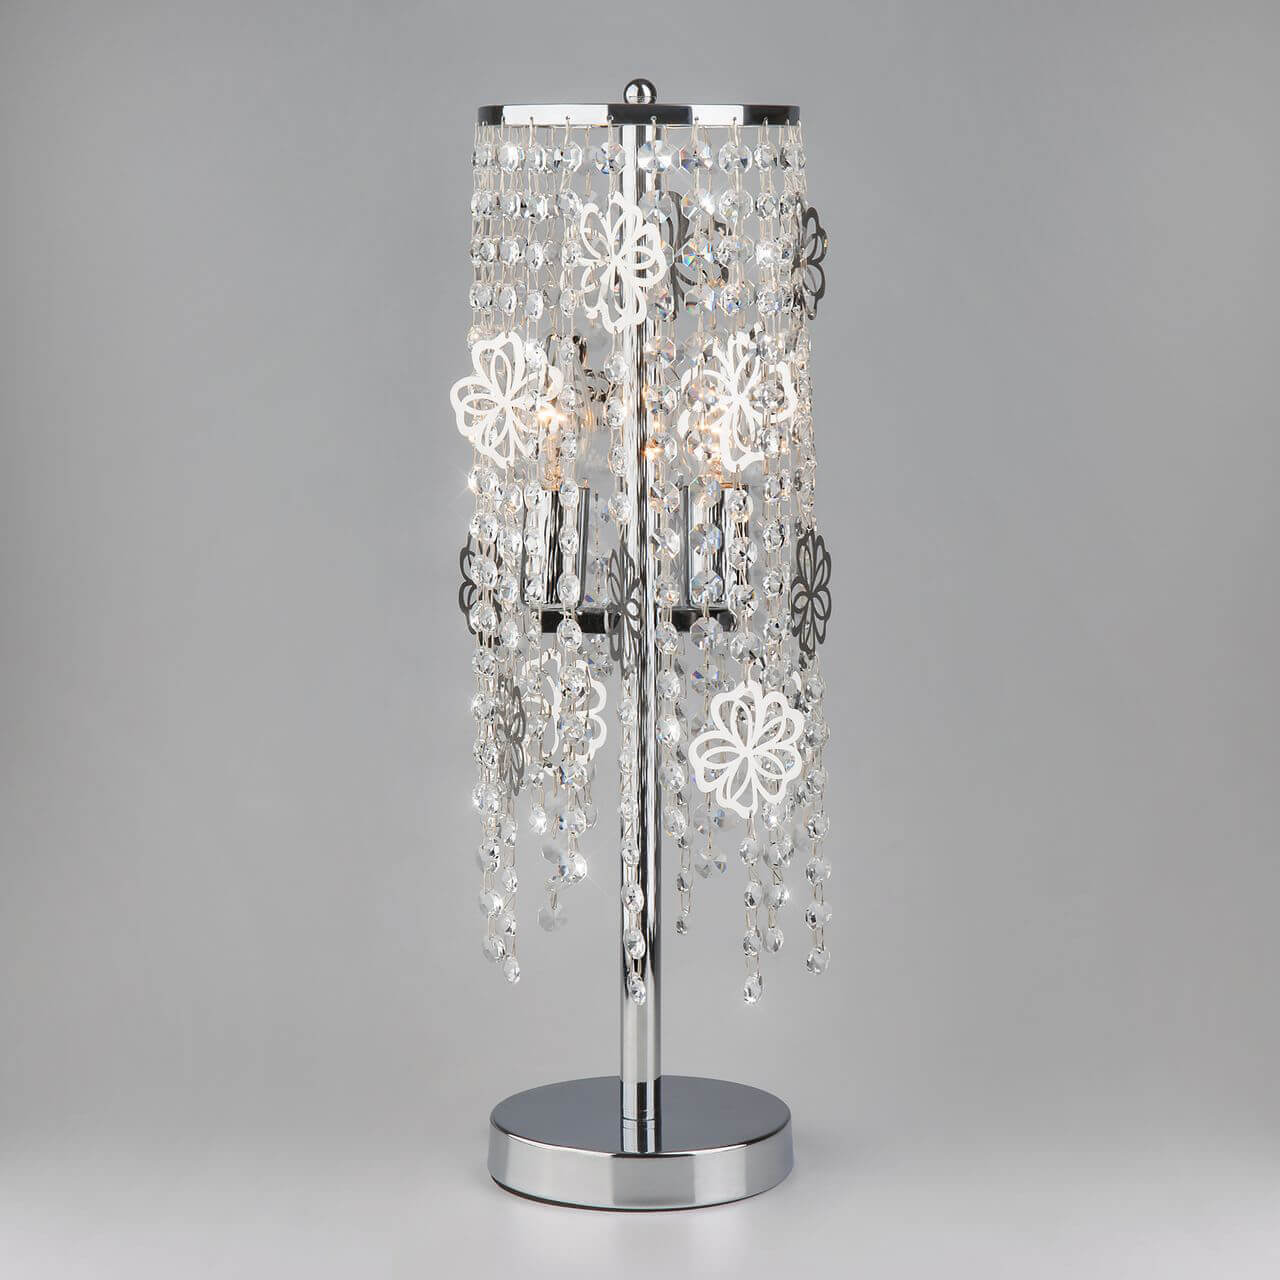 Настольная лампа Eurosvet 01035/2 хром/прозрачный хрусталь Strotskis Flower фото